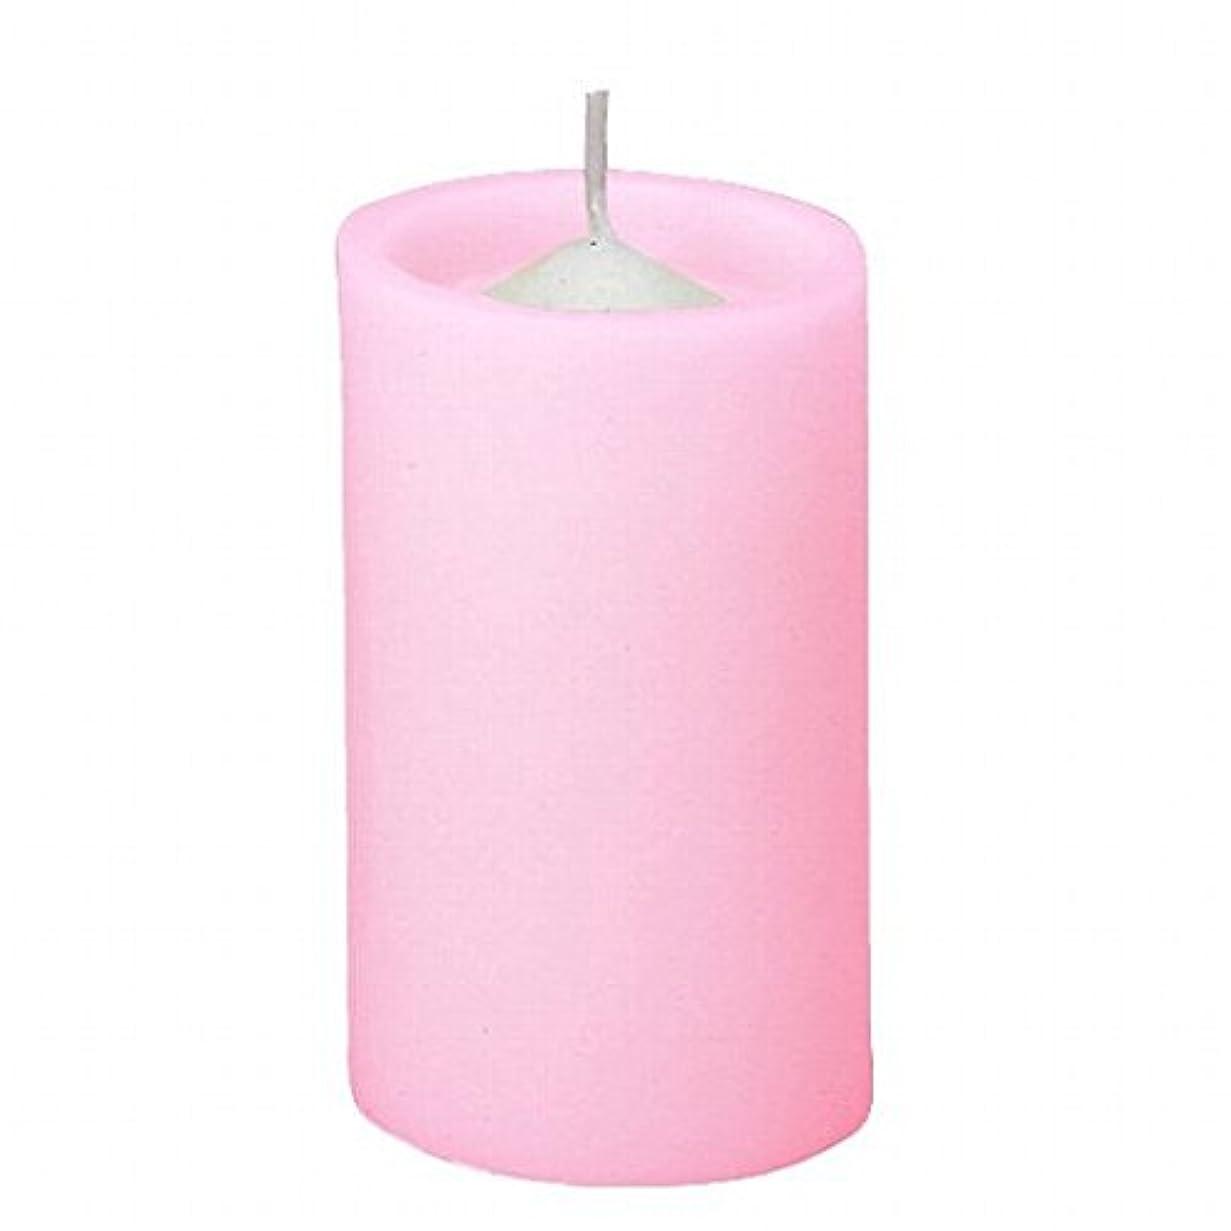 ヤング非難輸送ヤンキーキャンドル(YANKEE CANDLE) ロイヤルラウンド 50 「 ピンク 」